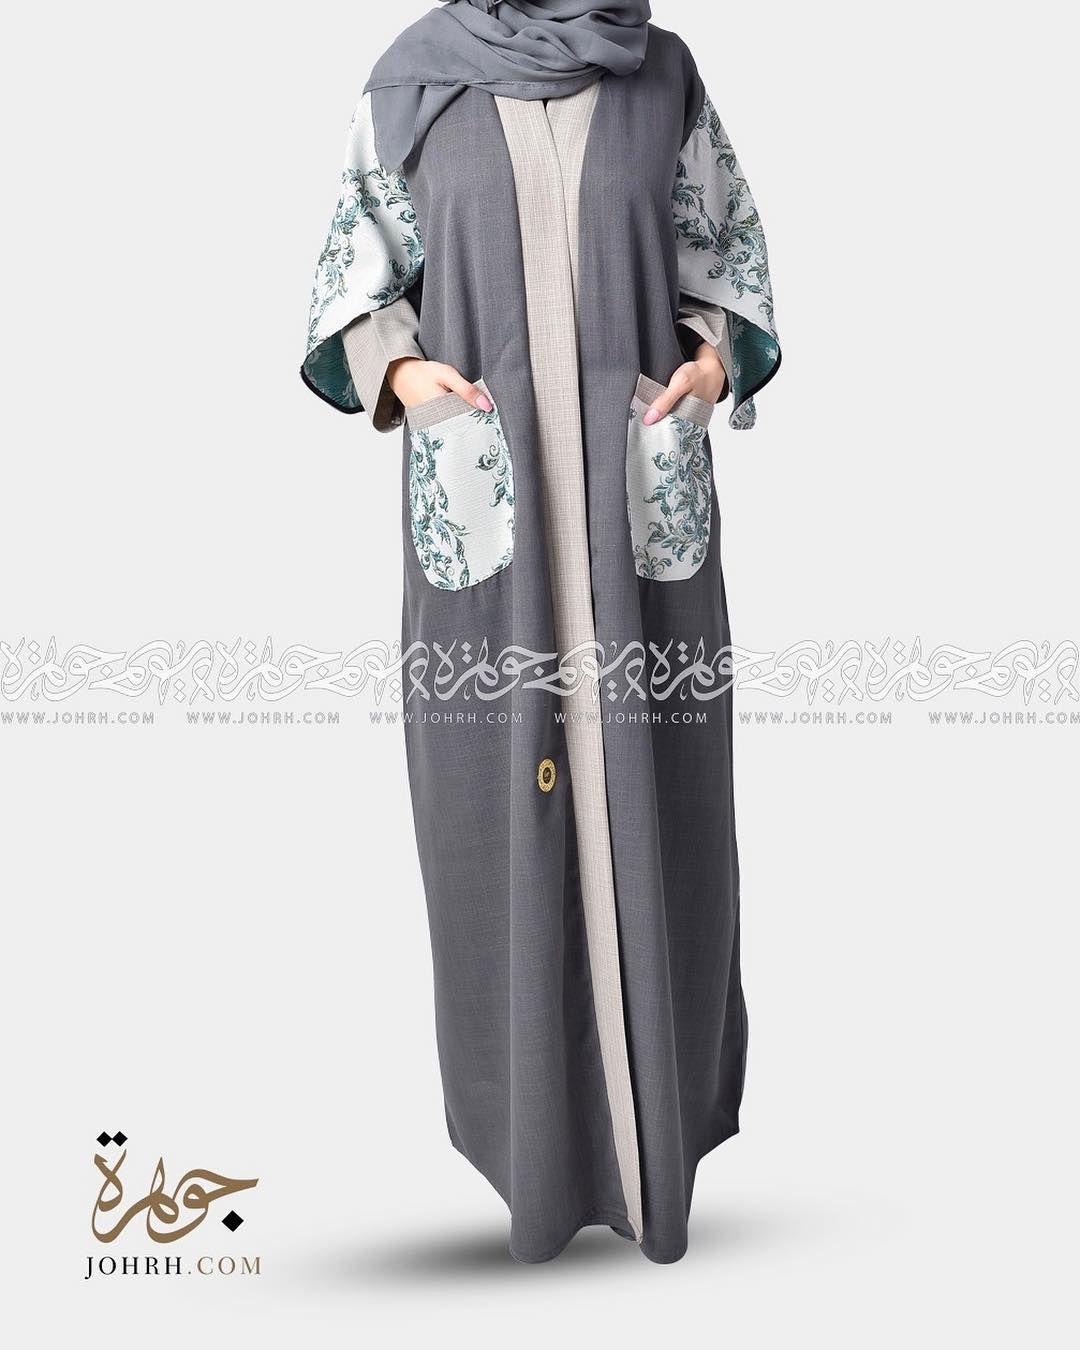 الموديل ١٢٣١ السعر ٢٤٠ ريال عباءة بتصميم ملفت يتداخل فيه الاقمشة فتأتي العباءة بلون رمادي غامق مطعم في أطرافها بلون بيج فا Fashion Kimono Top Women S Top